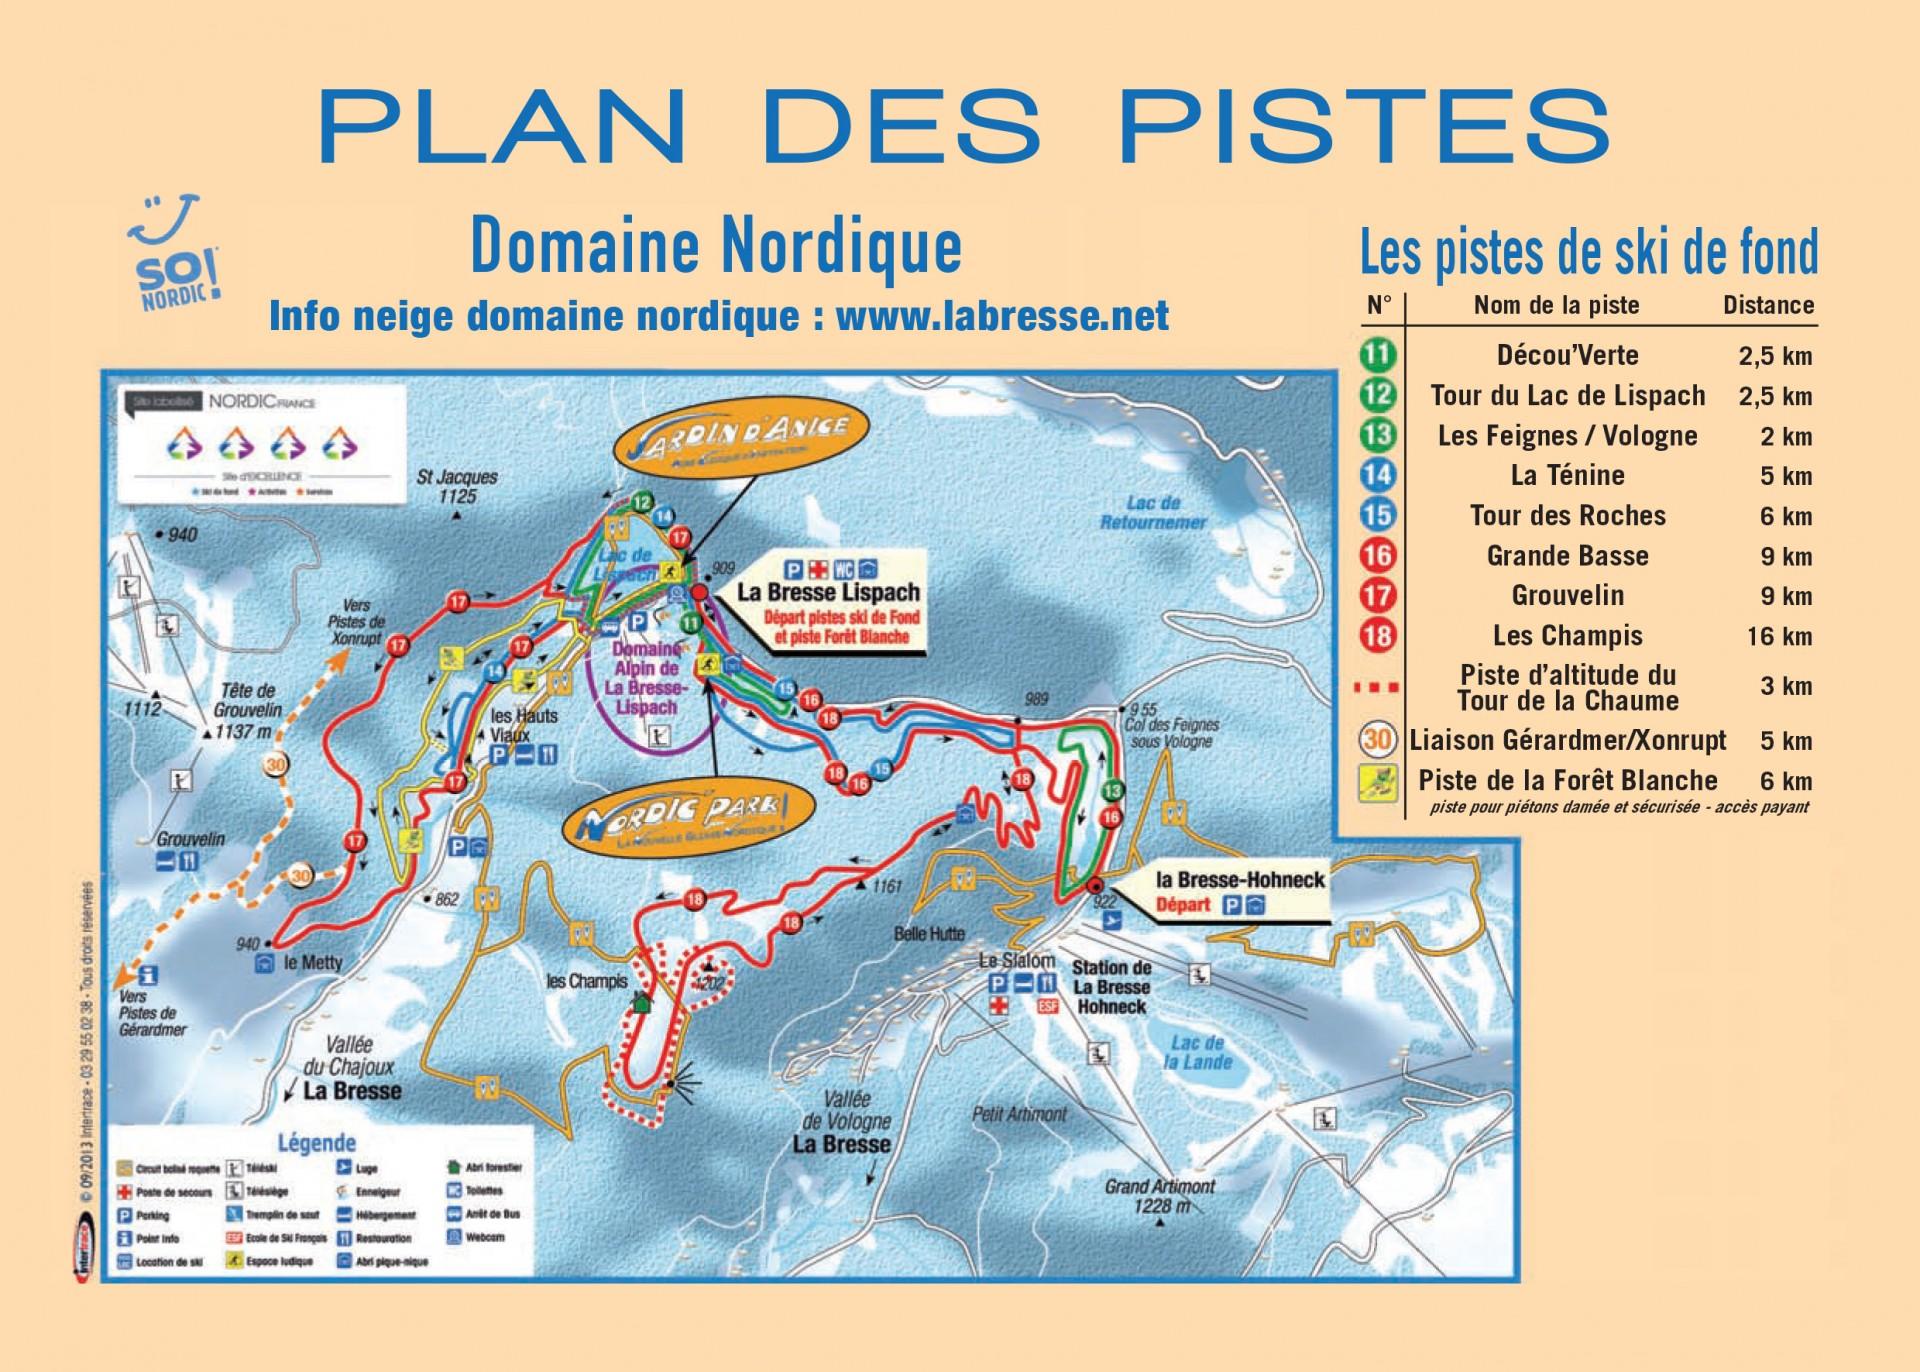 plan-des-pistes-domaine-nordique-la-bresse-lispach-9411-511